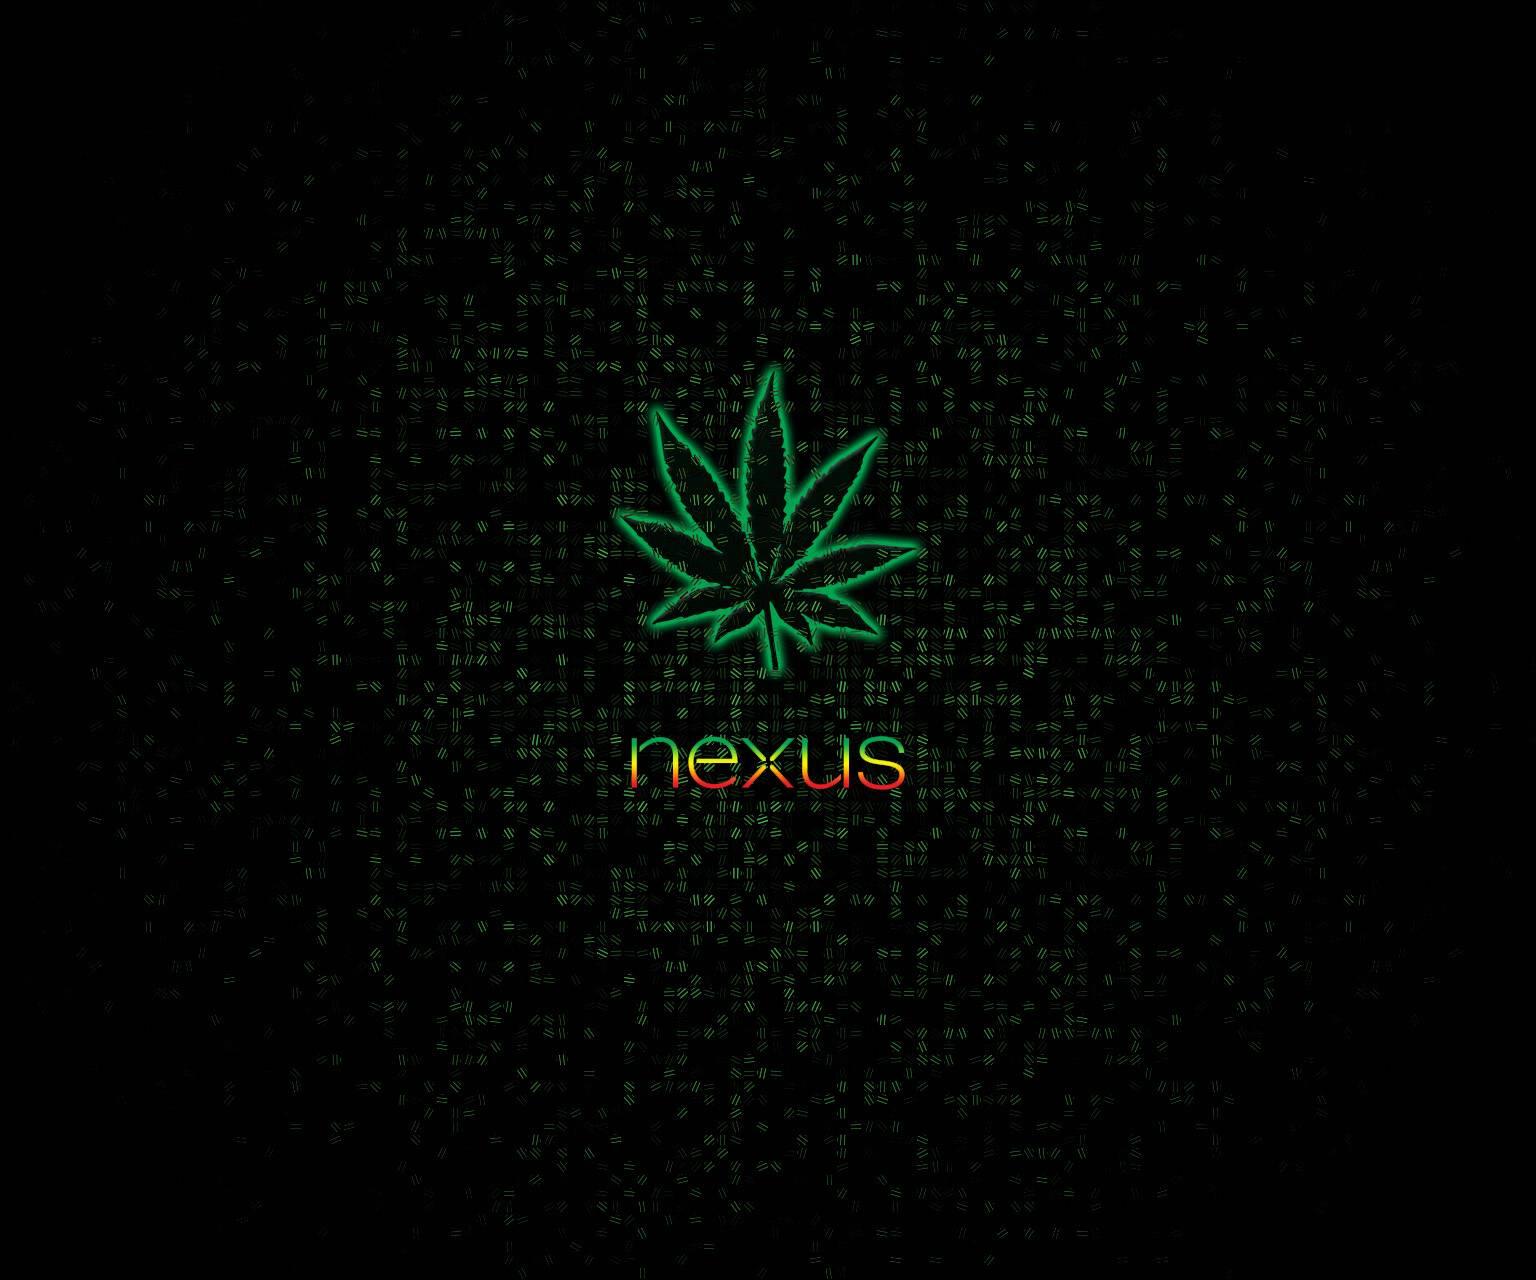 Rasta Nexus Hd